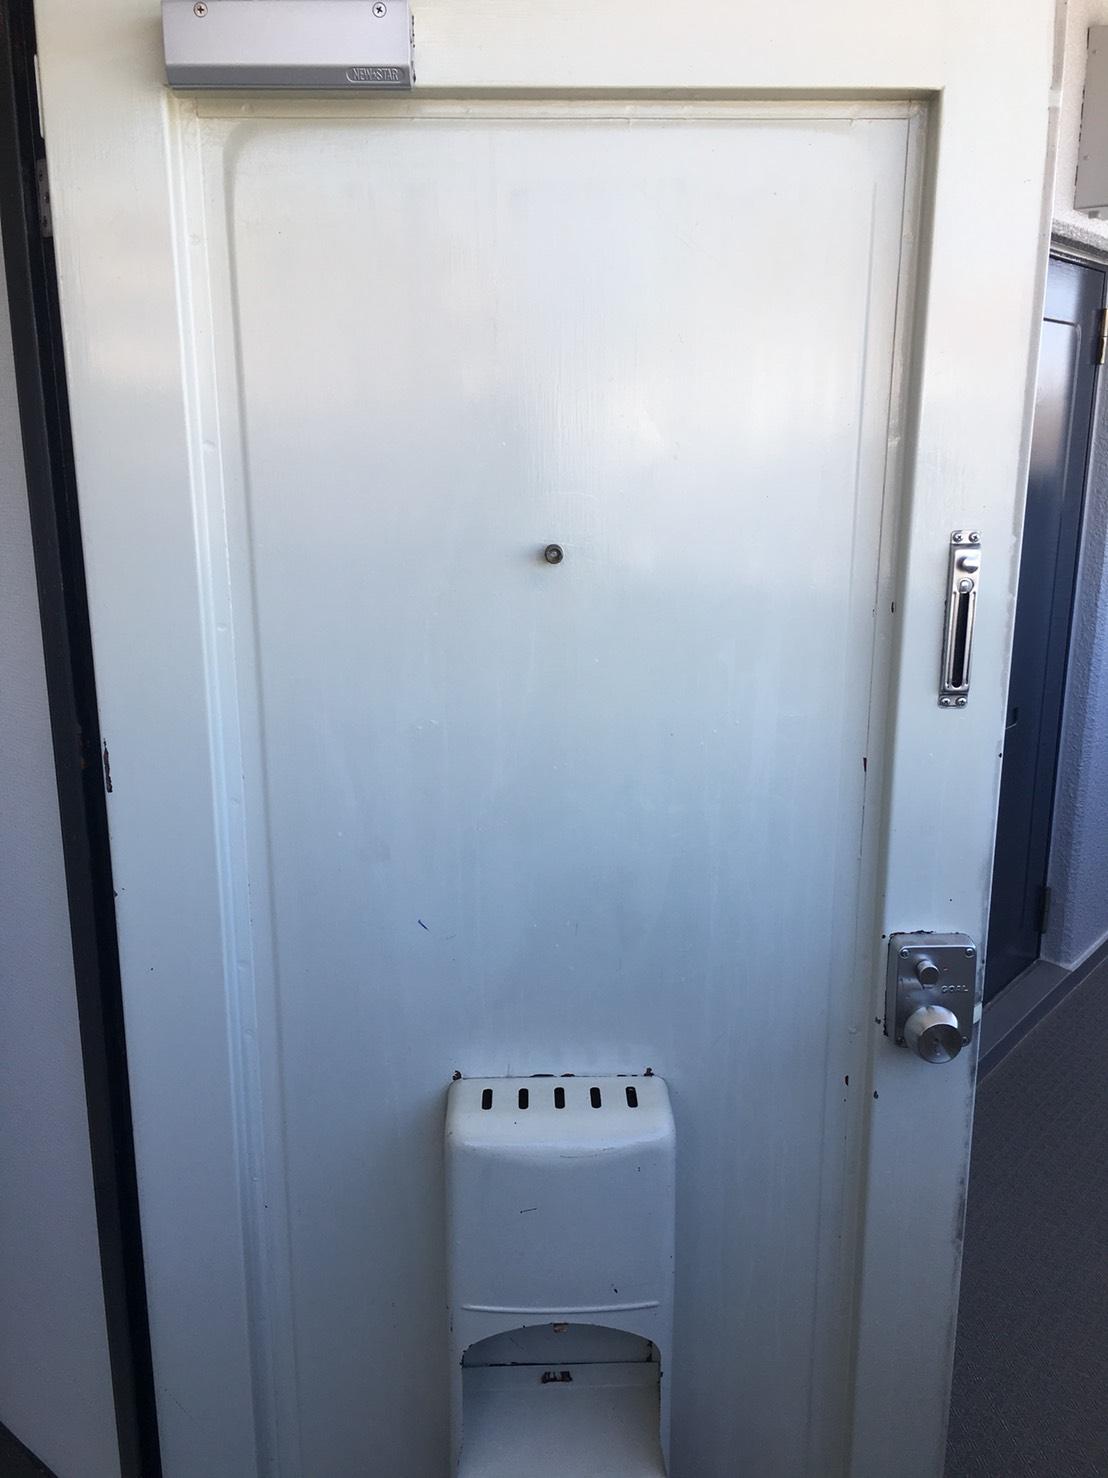 玄関を綺麗に!玄関ドアのお掃除はおそうじプラスにお任せ下さい!お見積はもちろん出張料も無料で対応~お客様の笑顔!が一番のやりがいにつながり作業を全力でさせて頂きます!伊丹市・川西市・宝塚市よりお見積り・出張無料